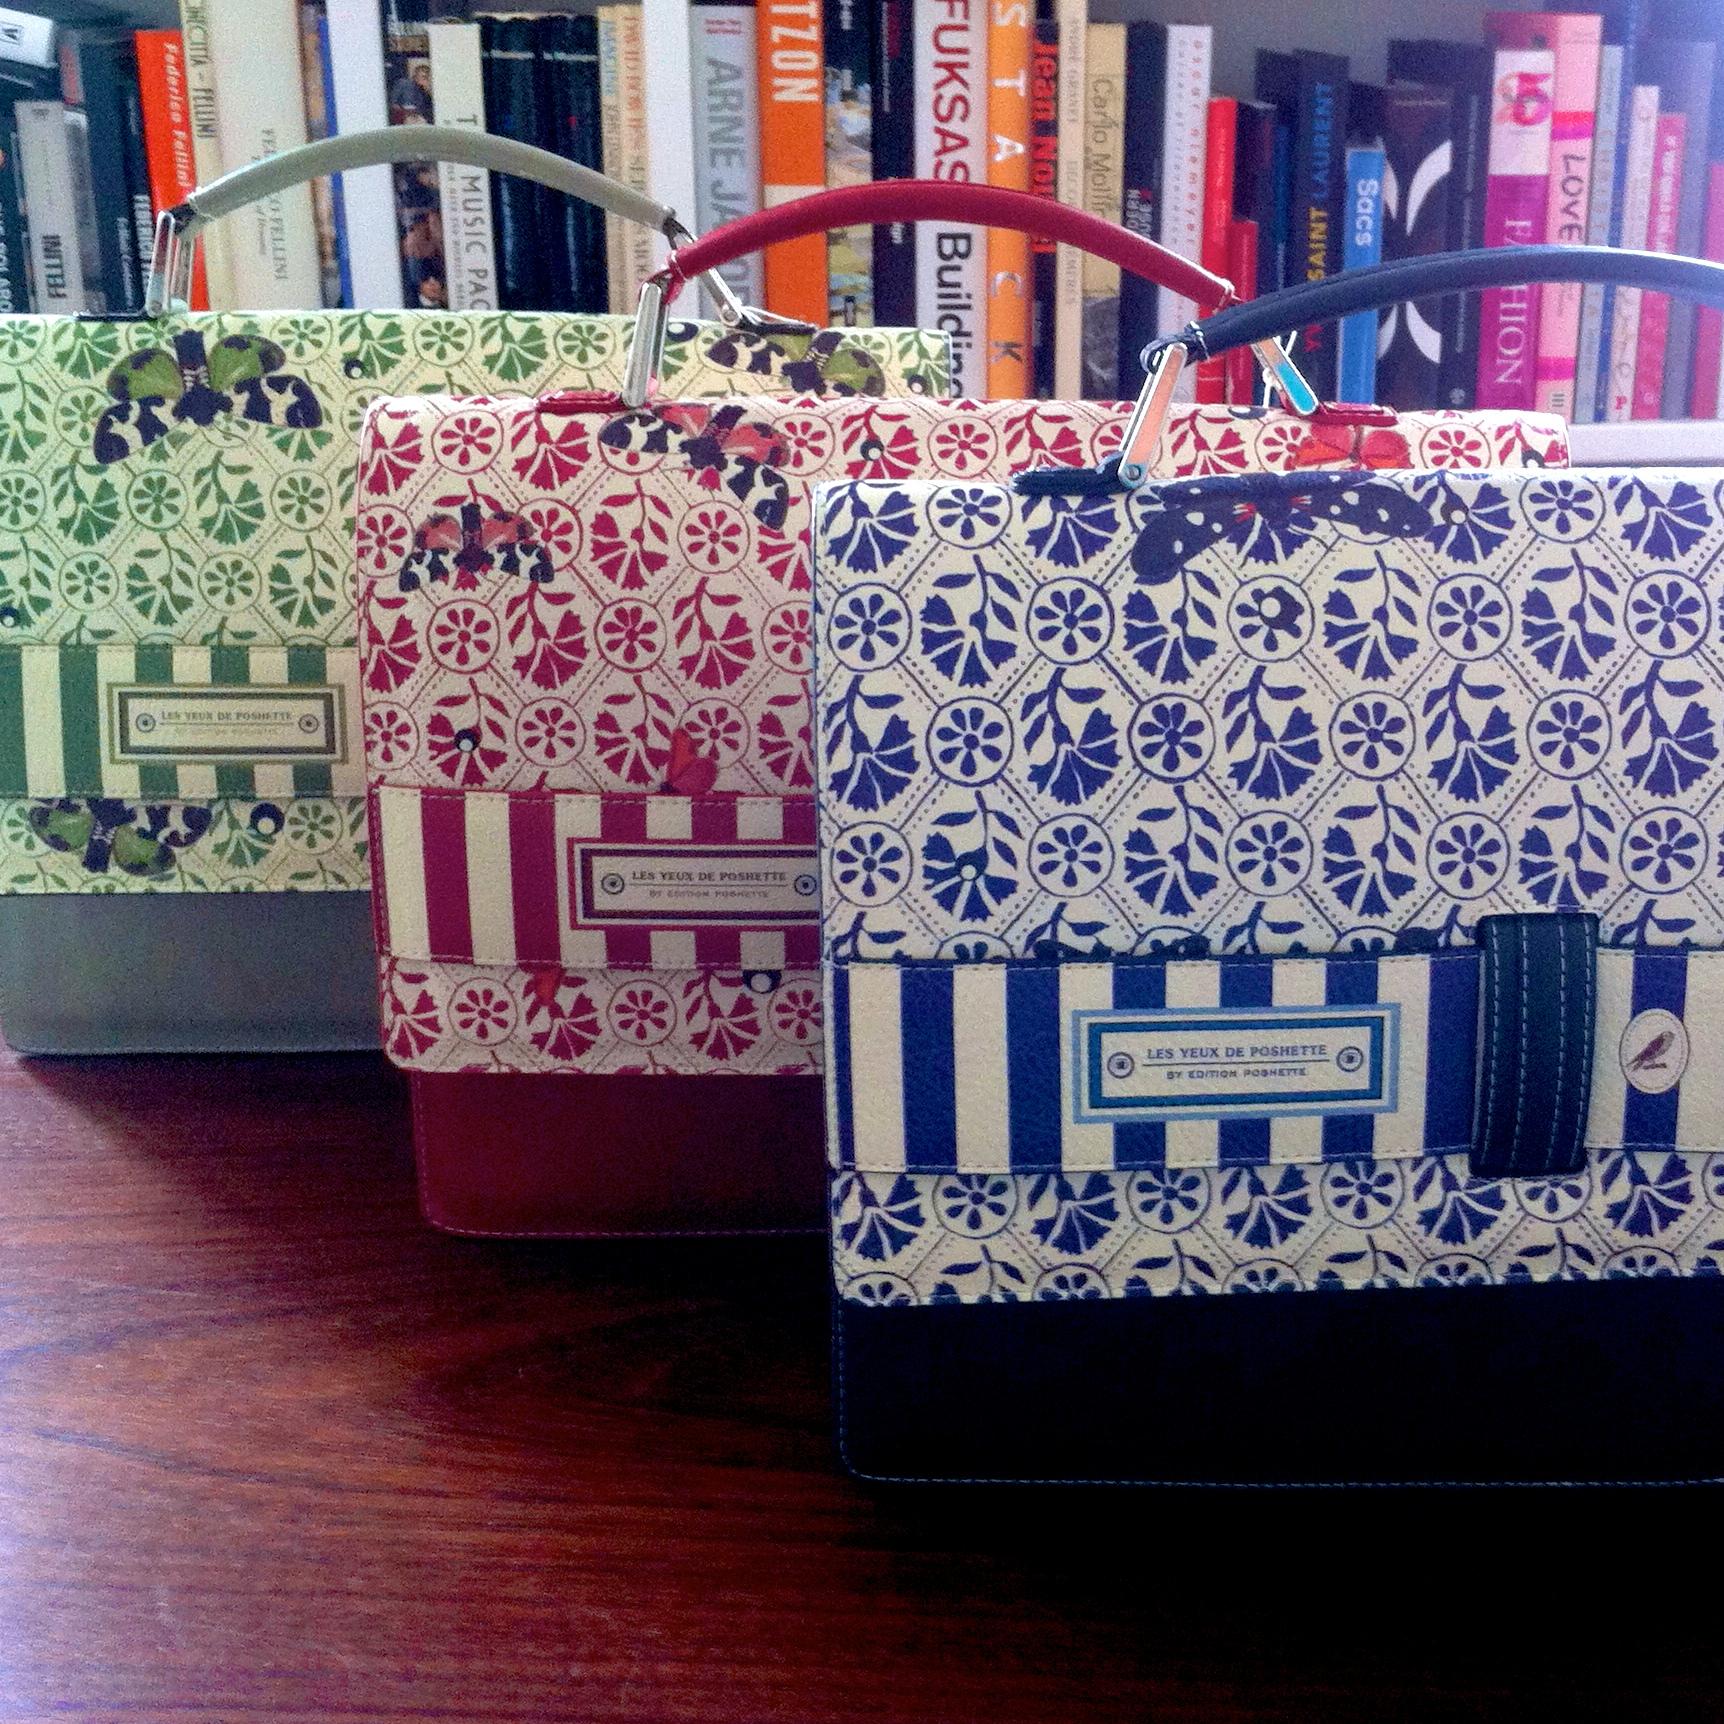 3 x Eye Poshette computerbags